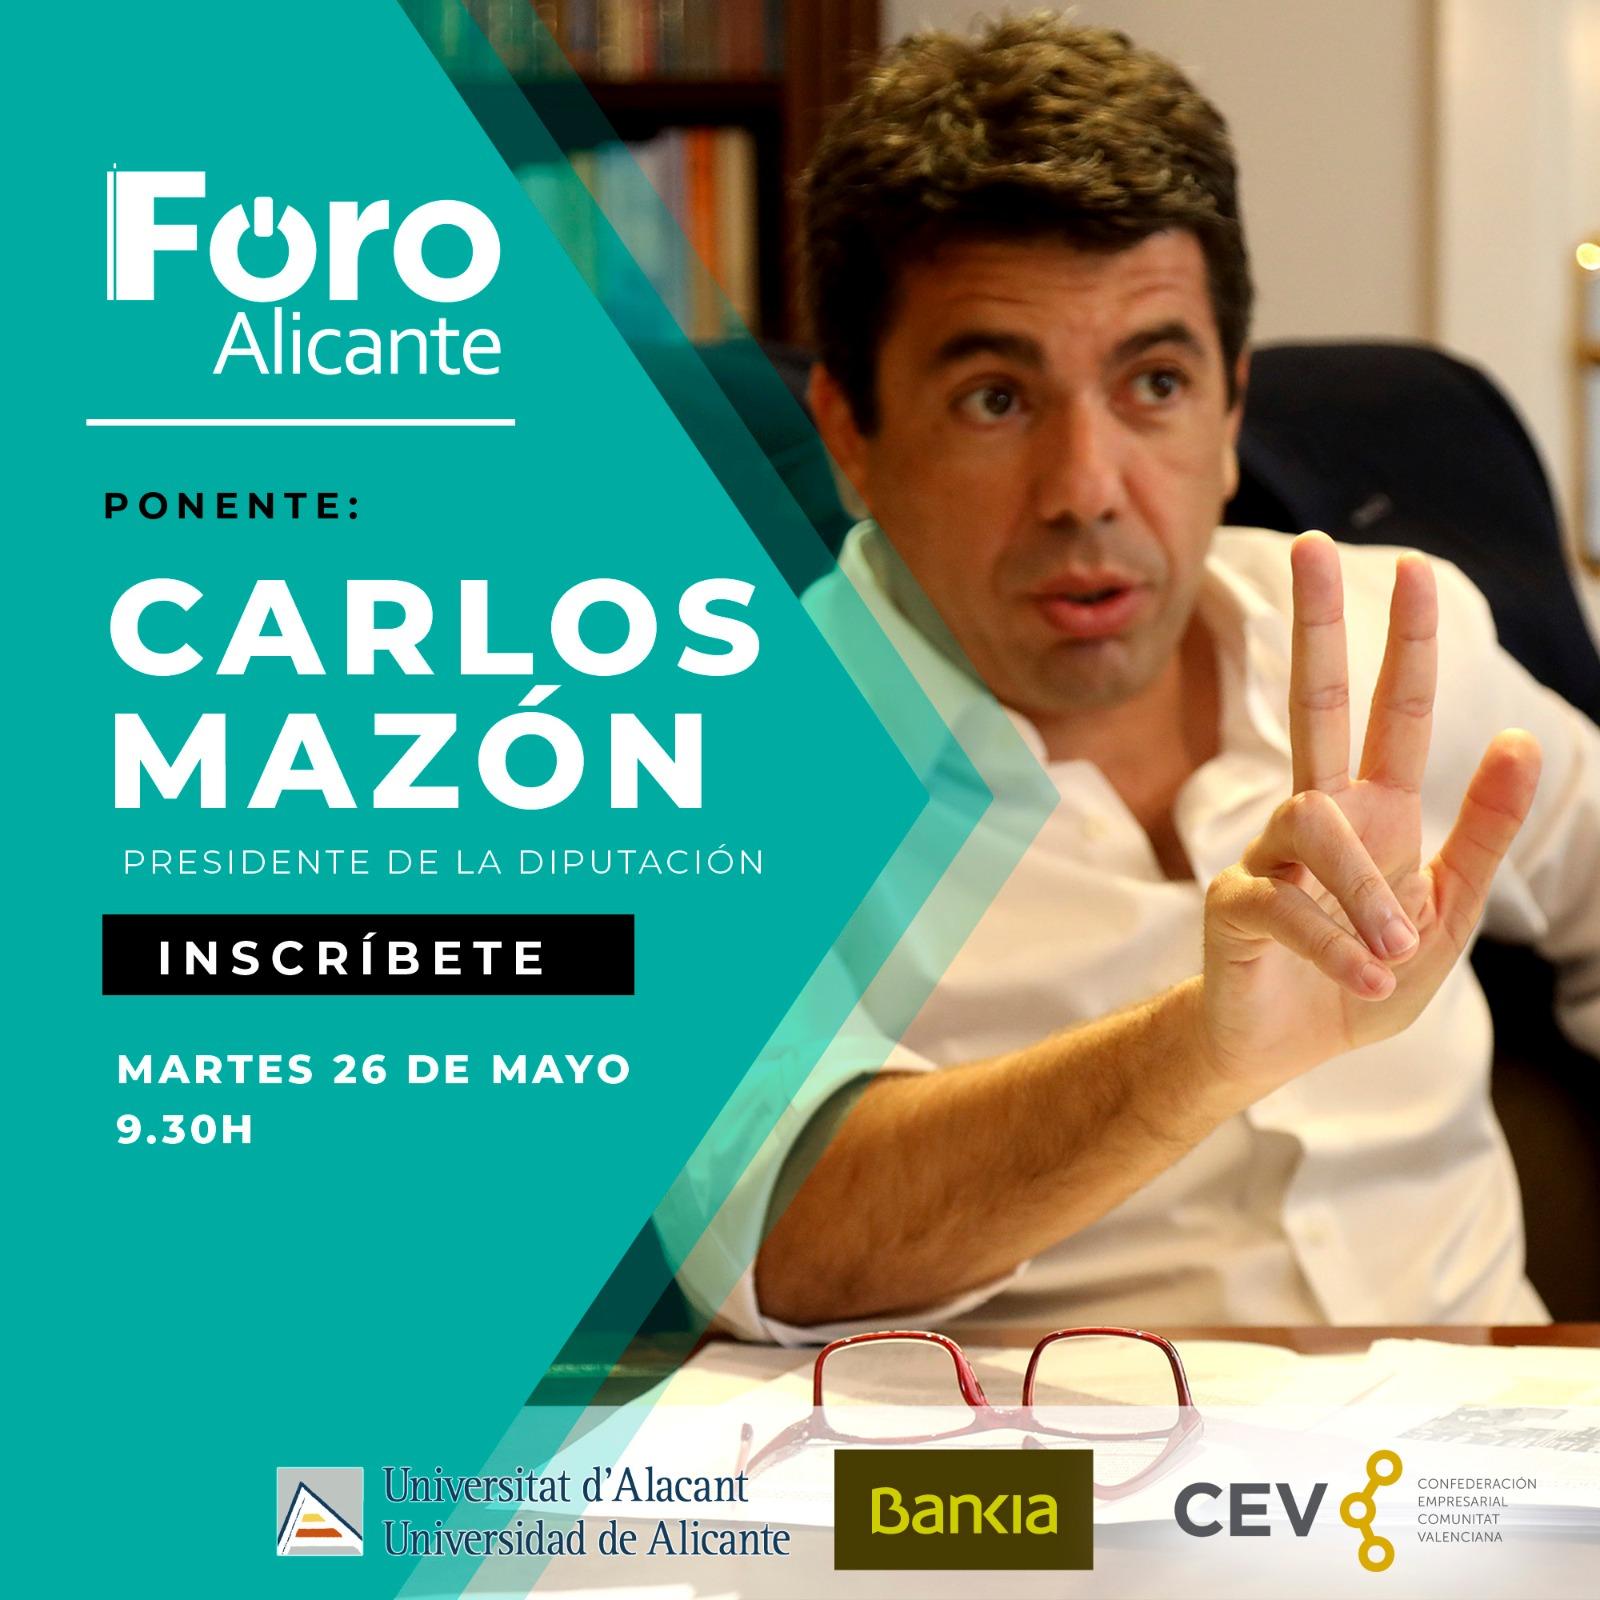 Foro Club Información. Ponente: Carlos Mazón